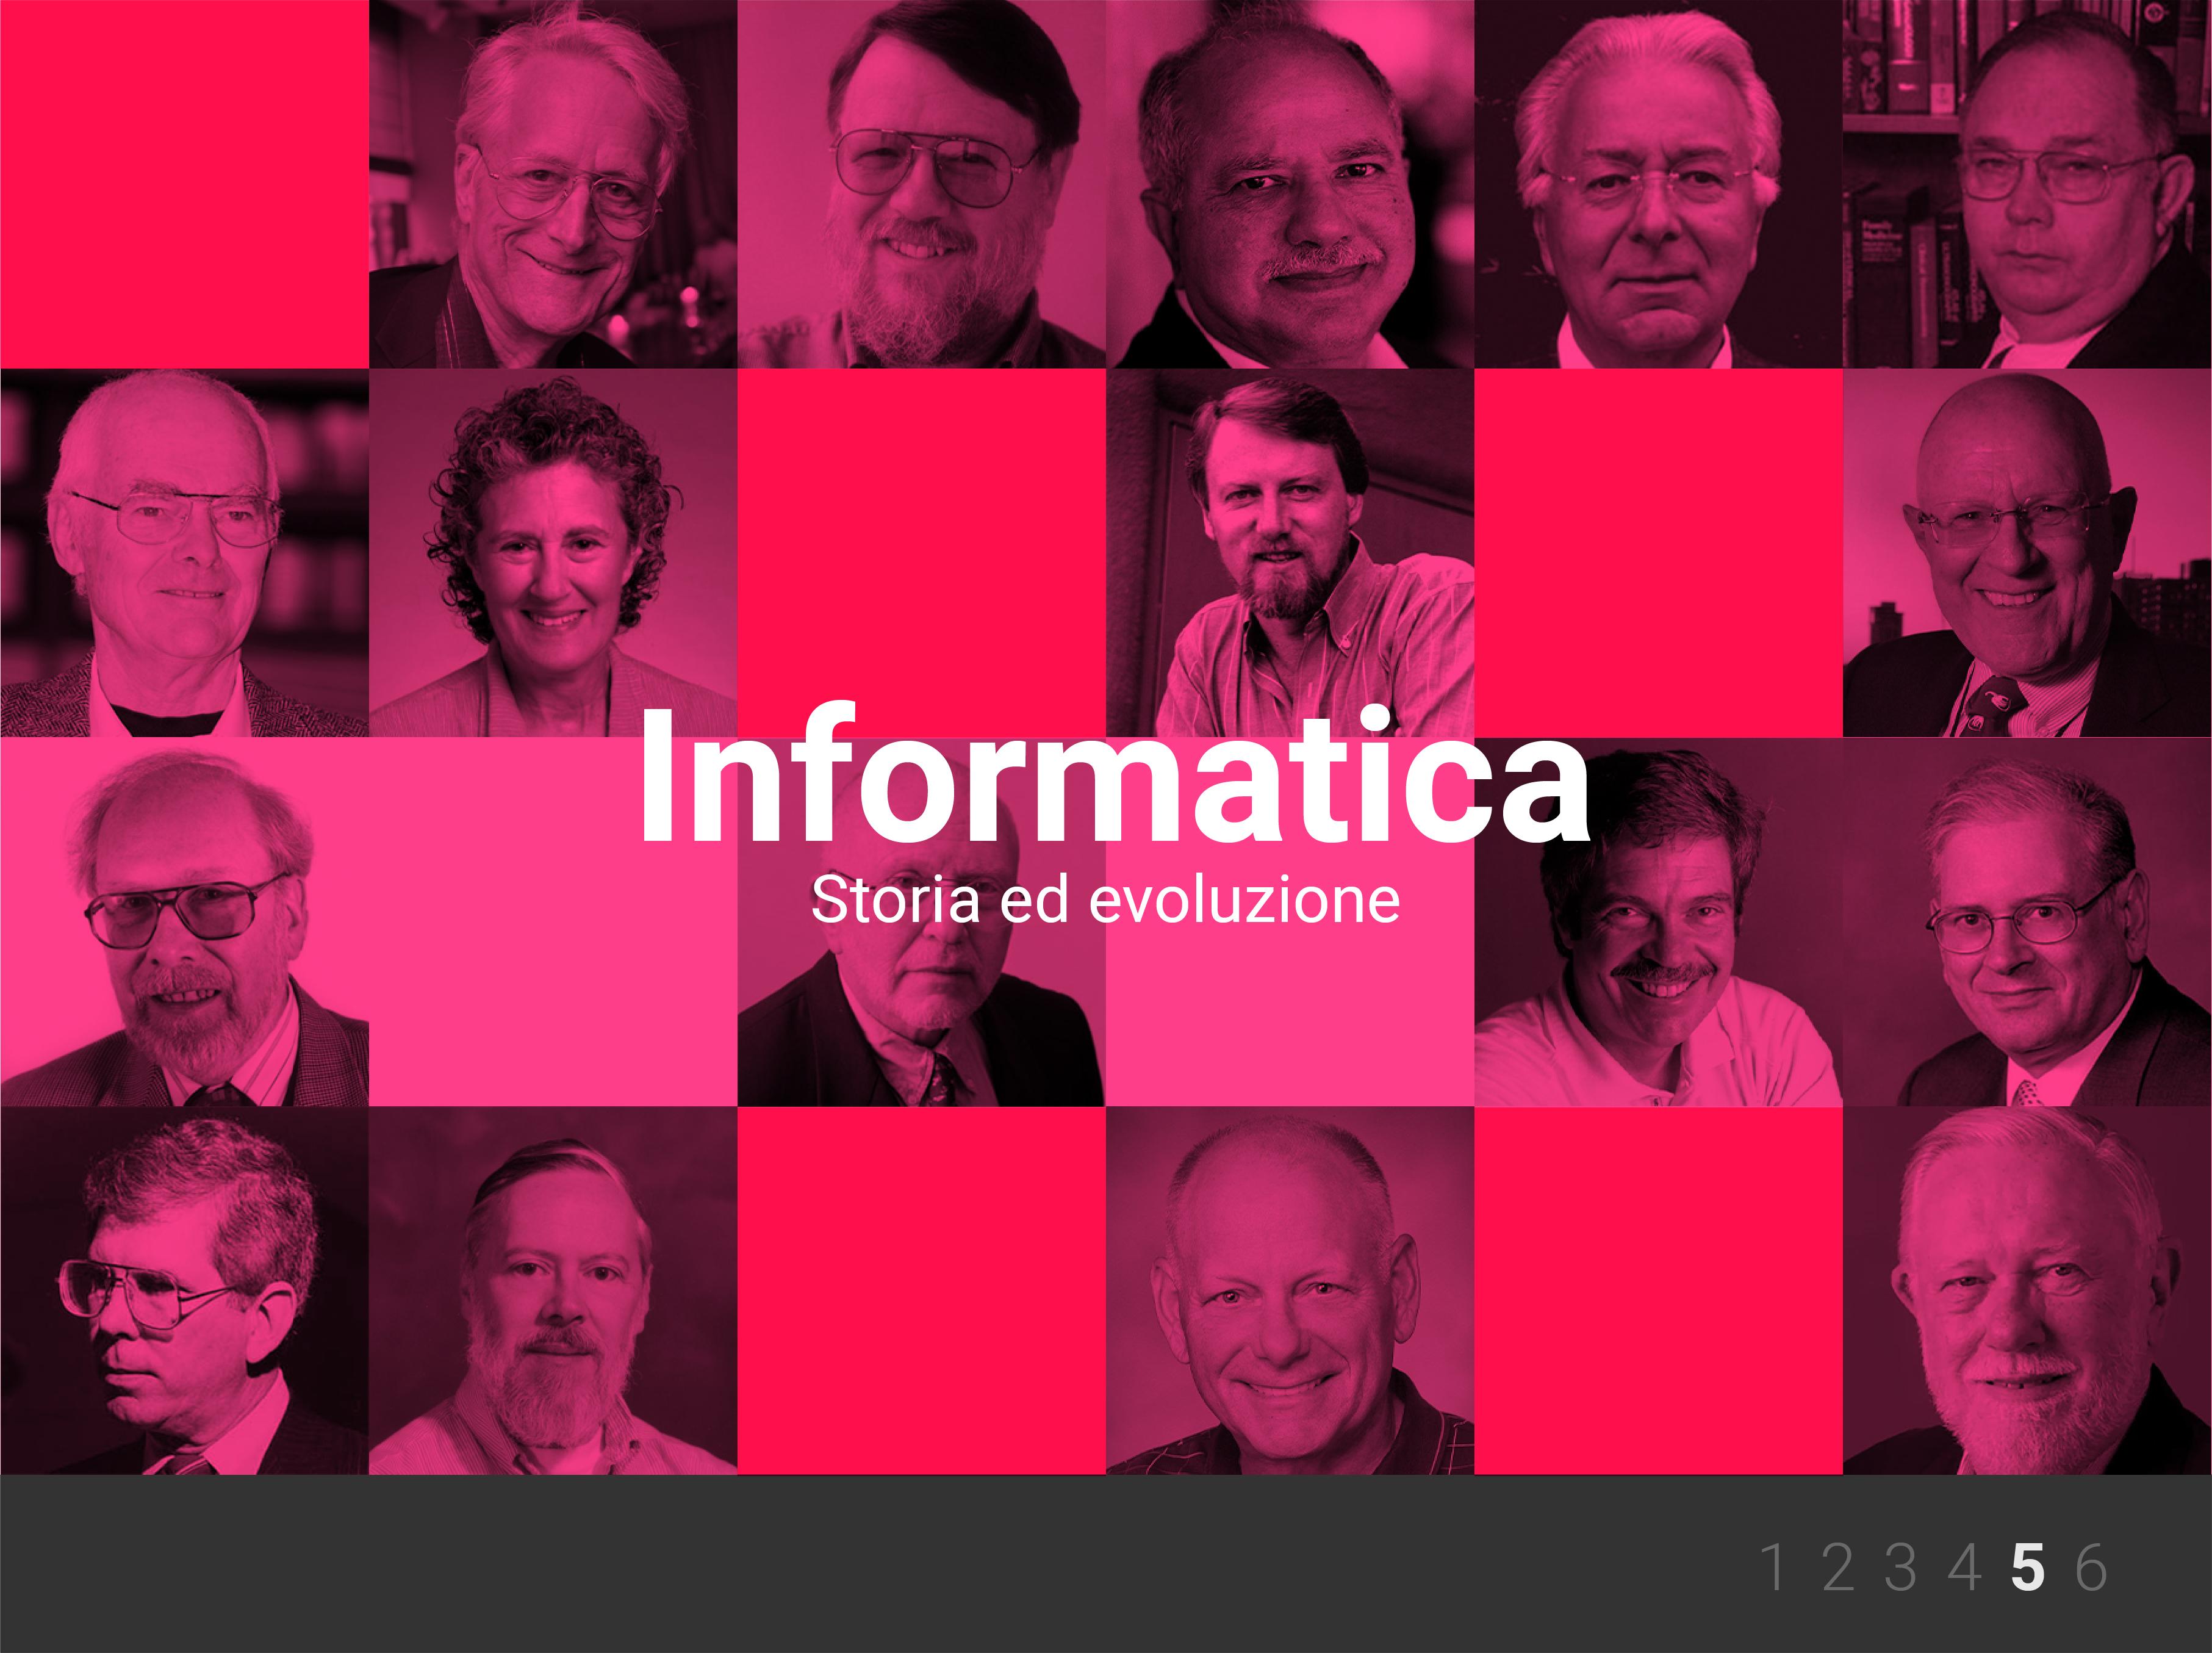 Li.Edu.Co. | La Storia dell'Informatica: quinto approfondimento